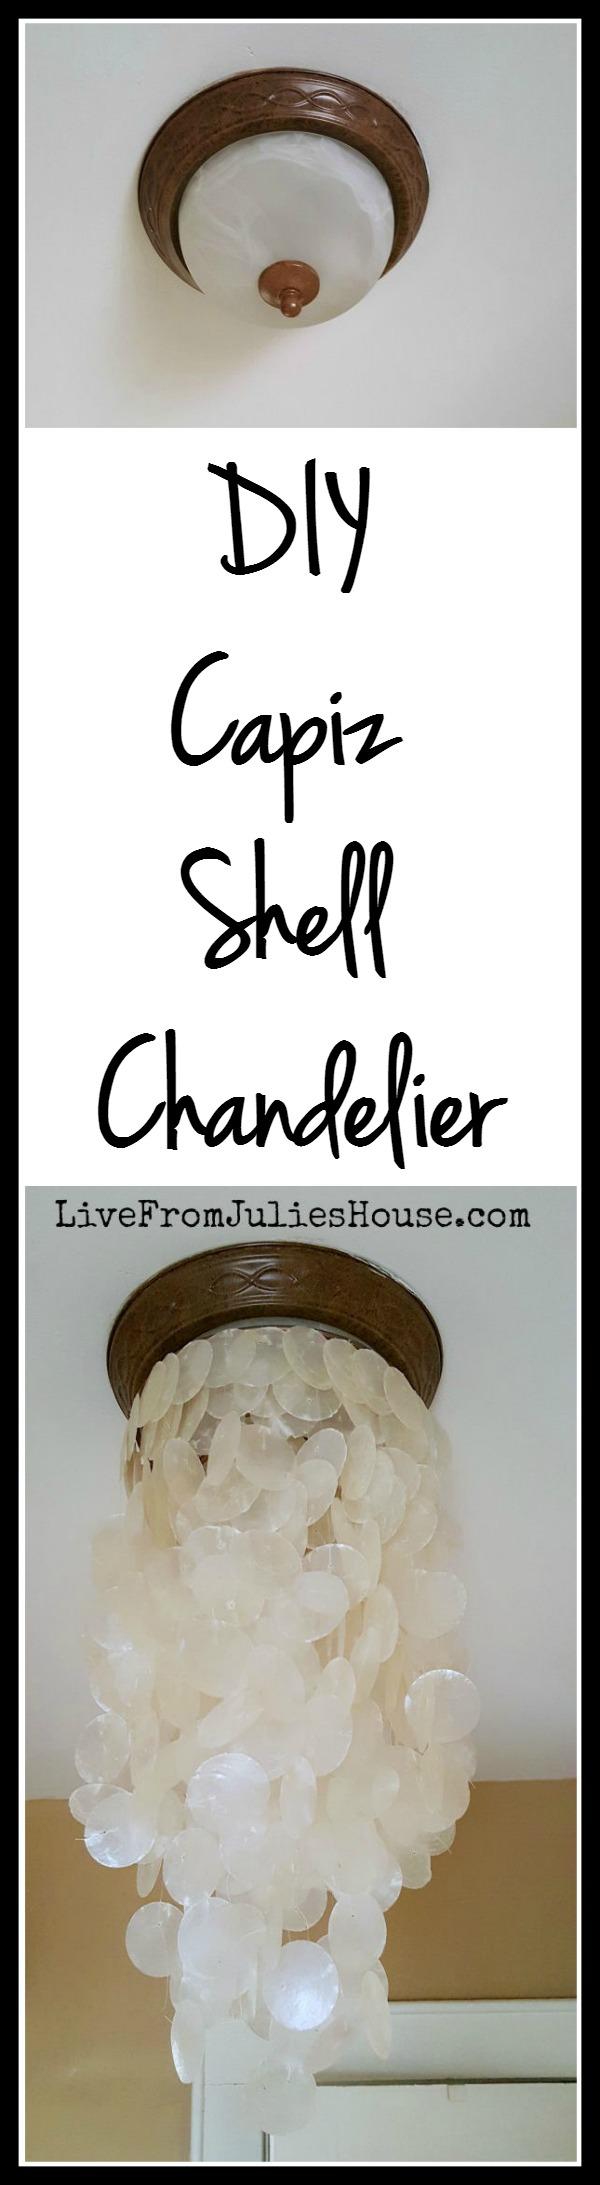 DIY Capiz Shell Chandelier Live from Julies House – Diy Capiz Chandelier